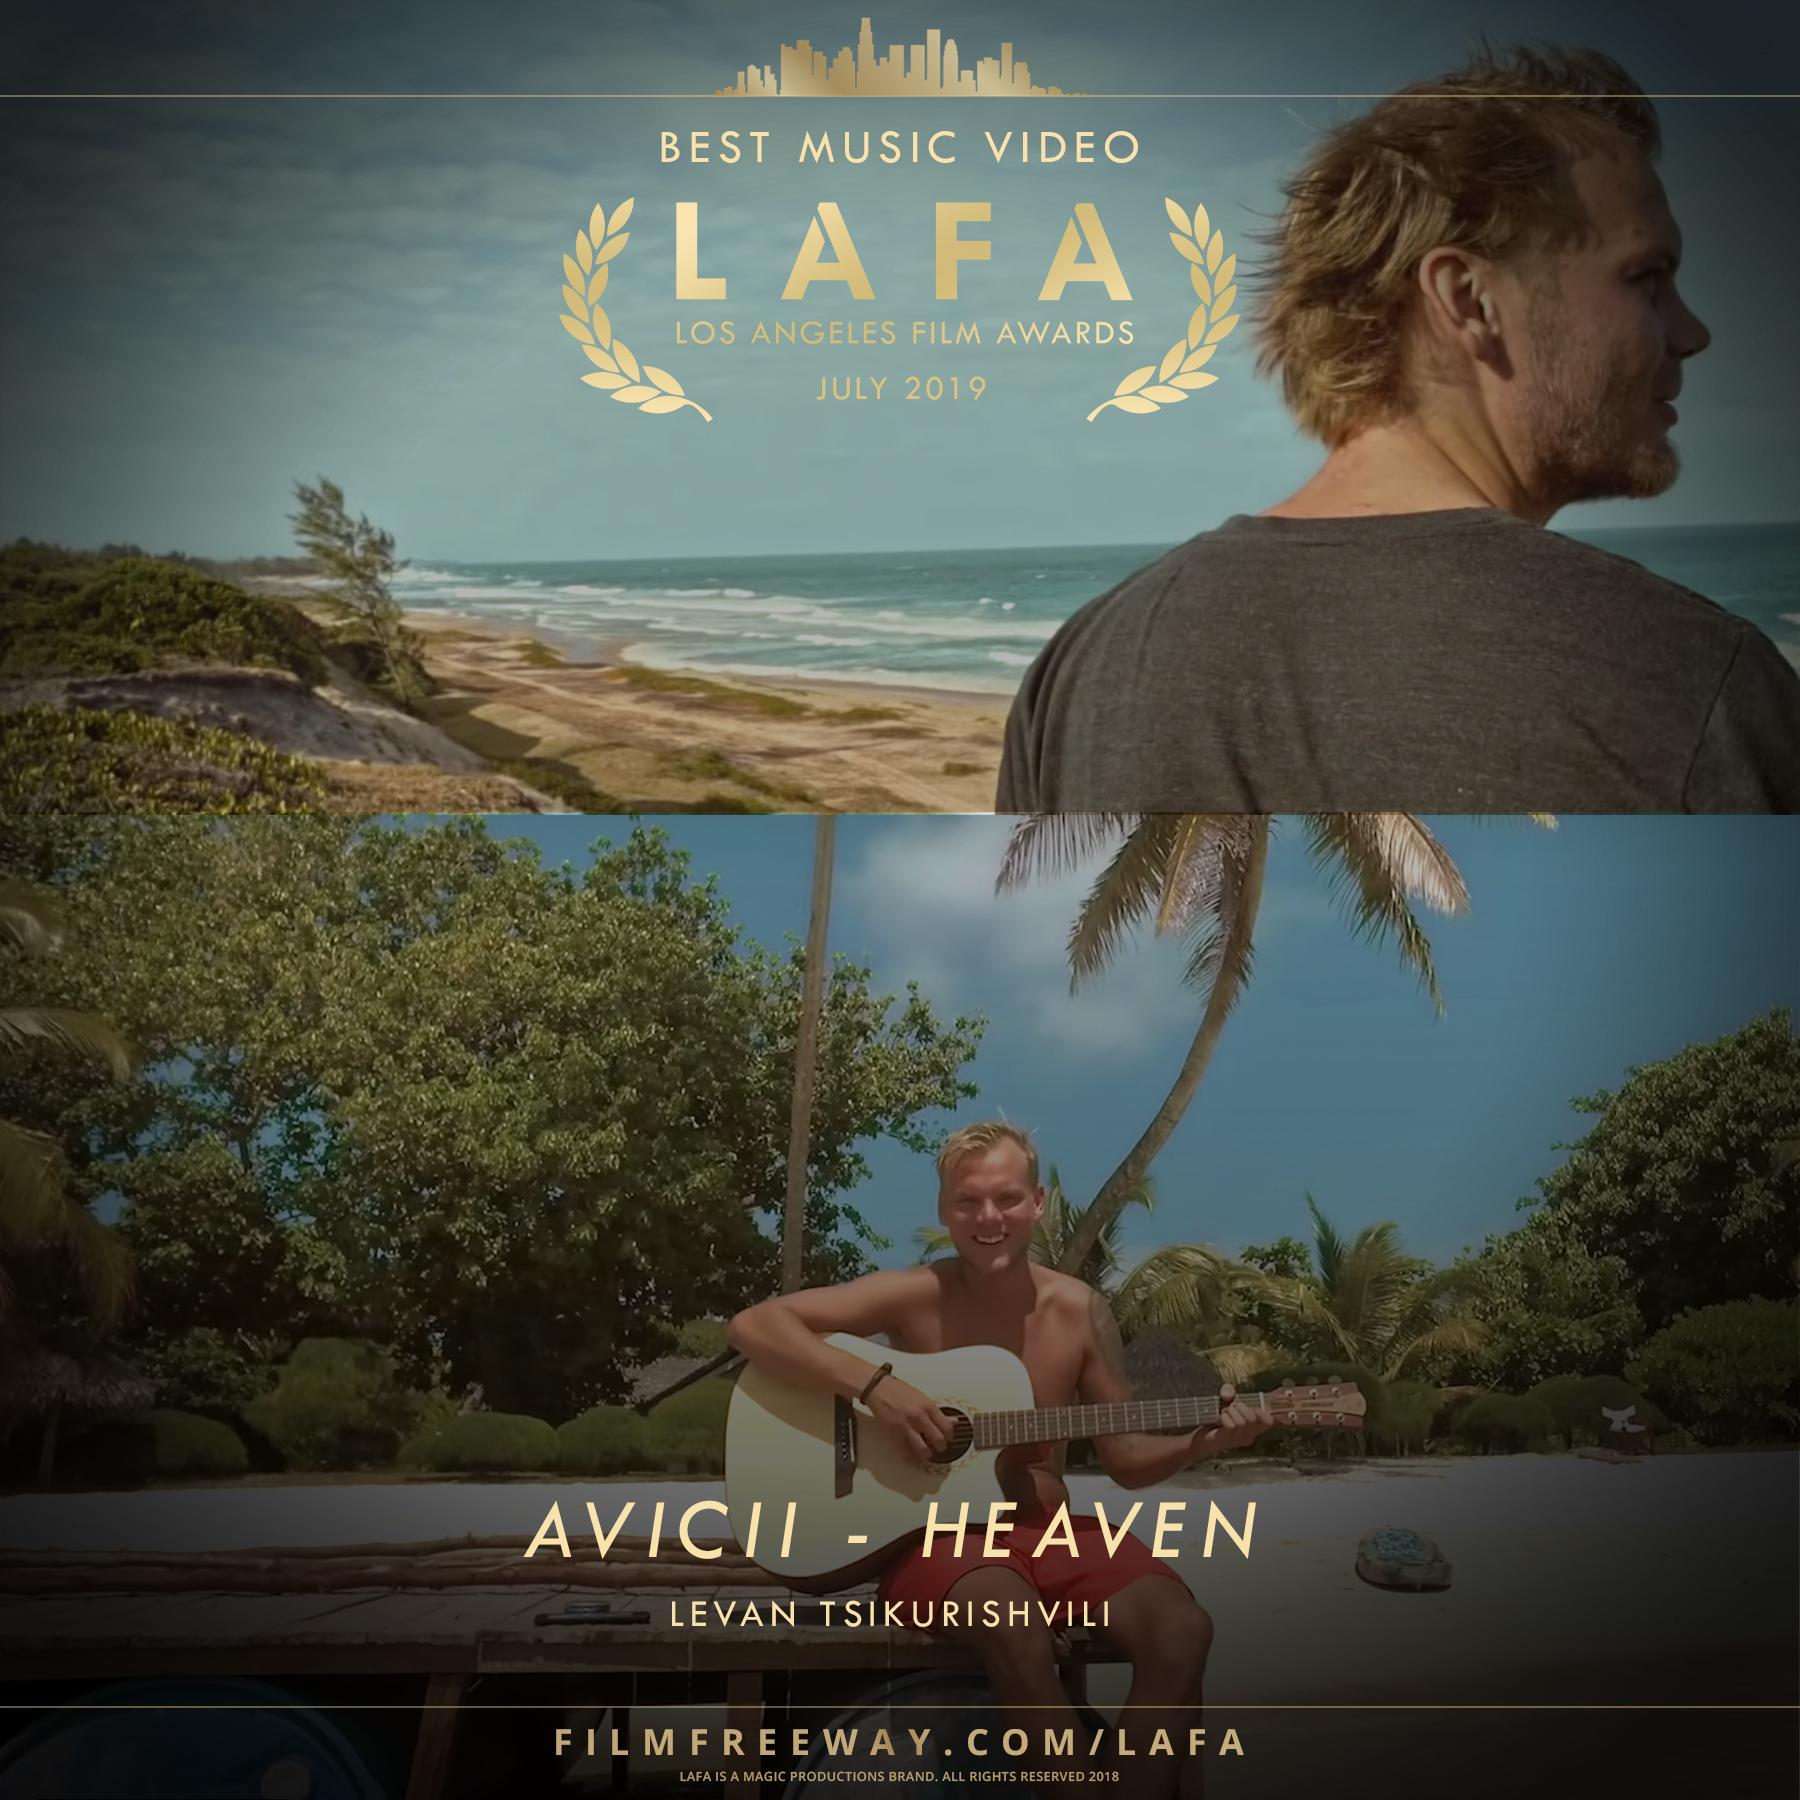 AVICII - HEAVEN design